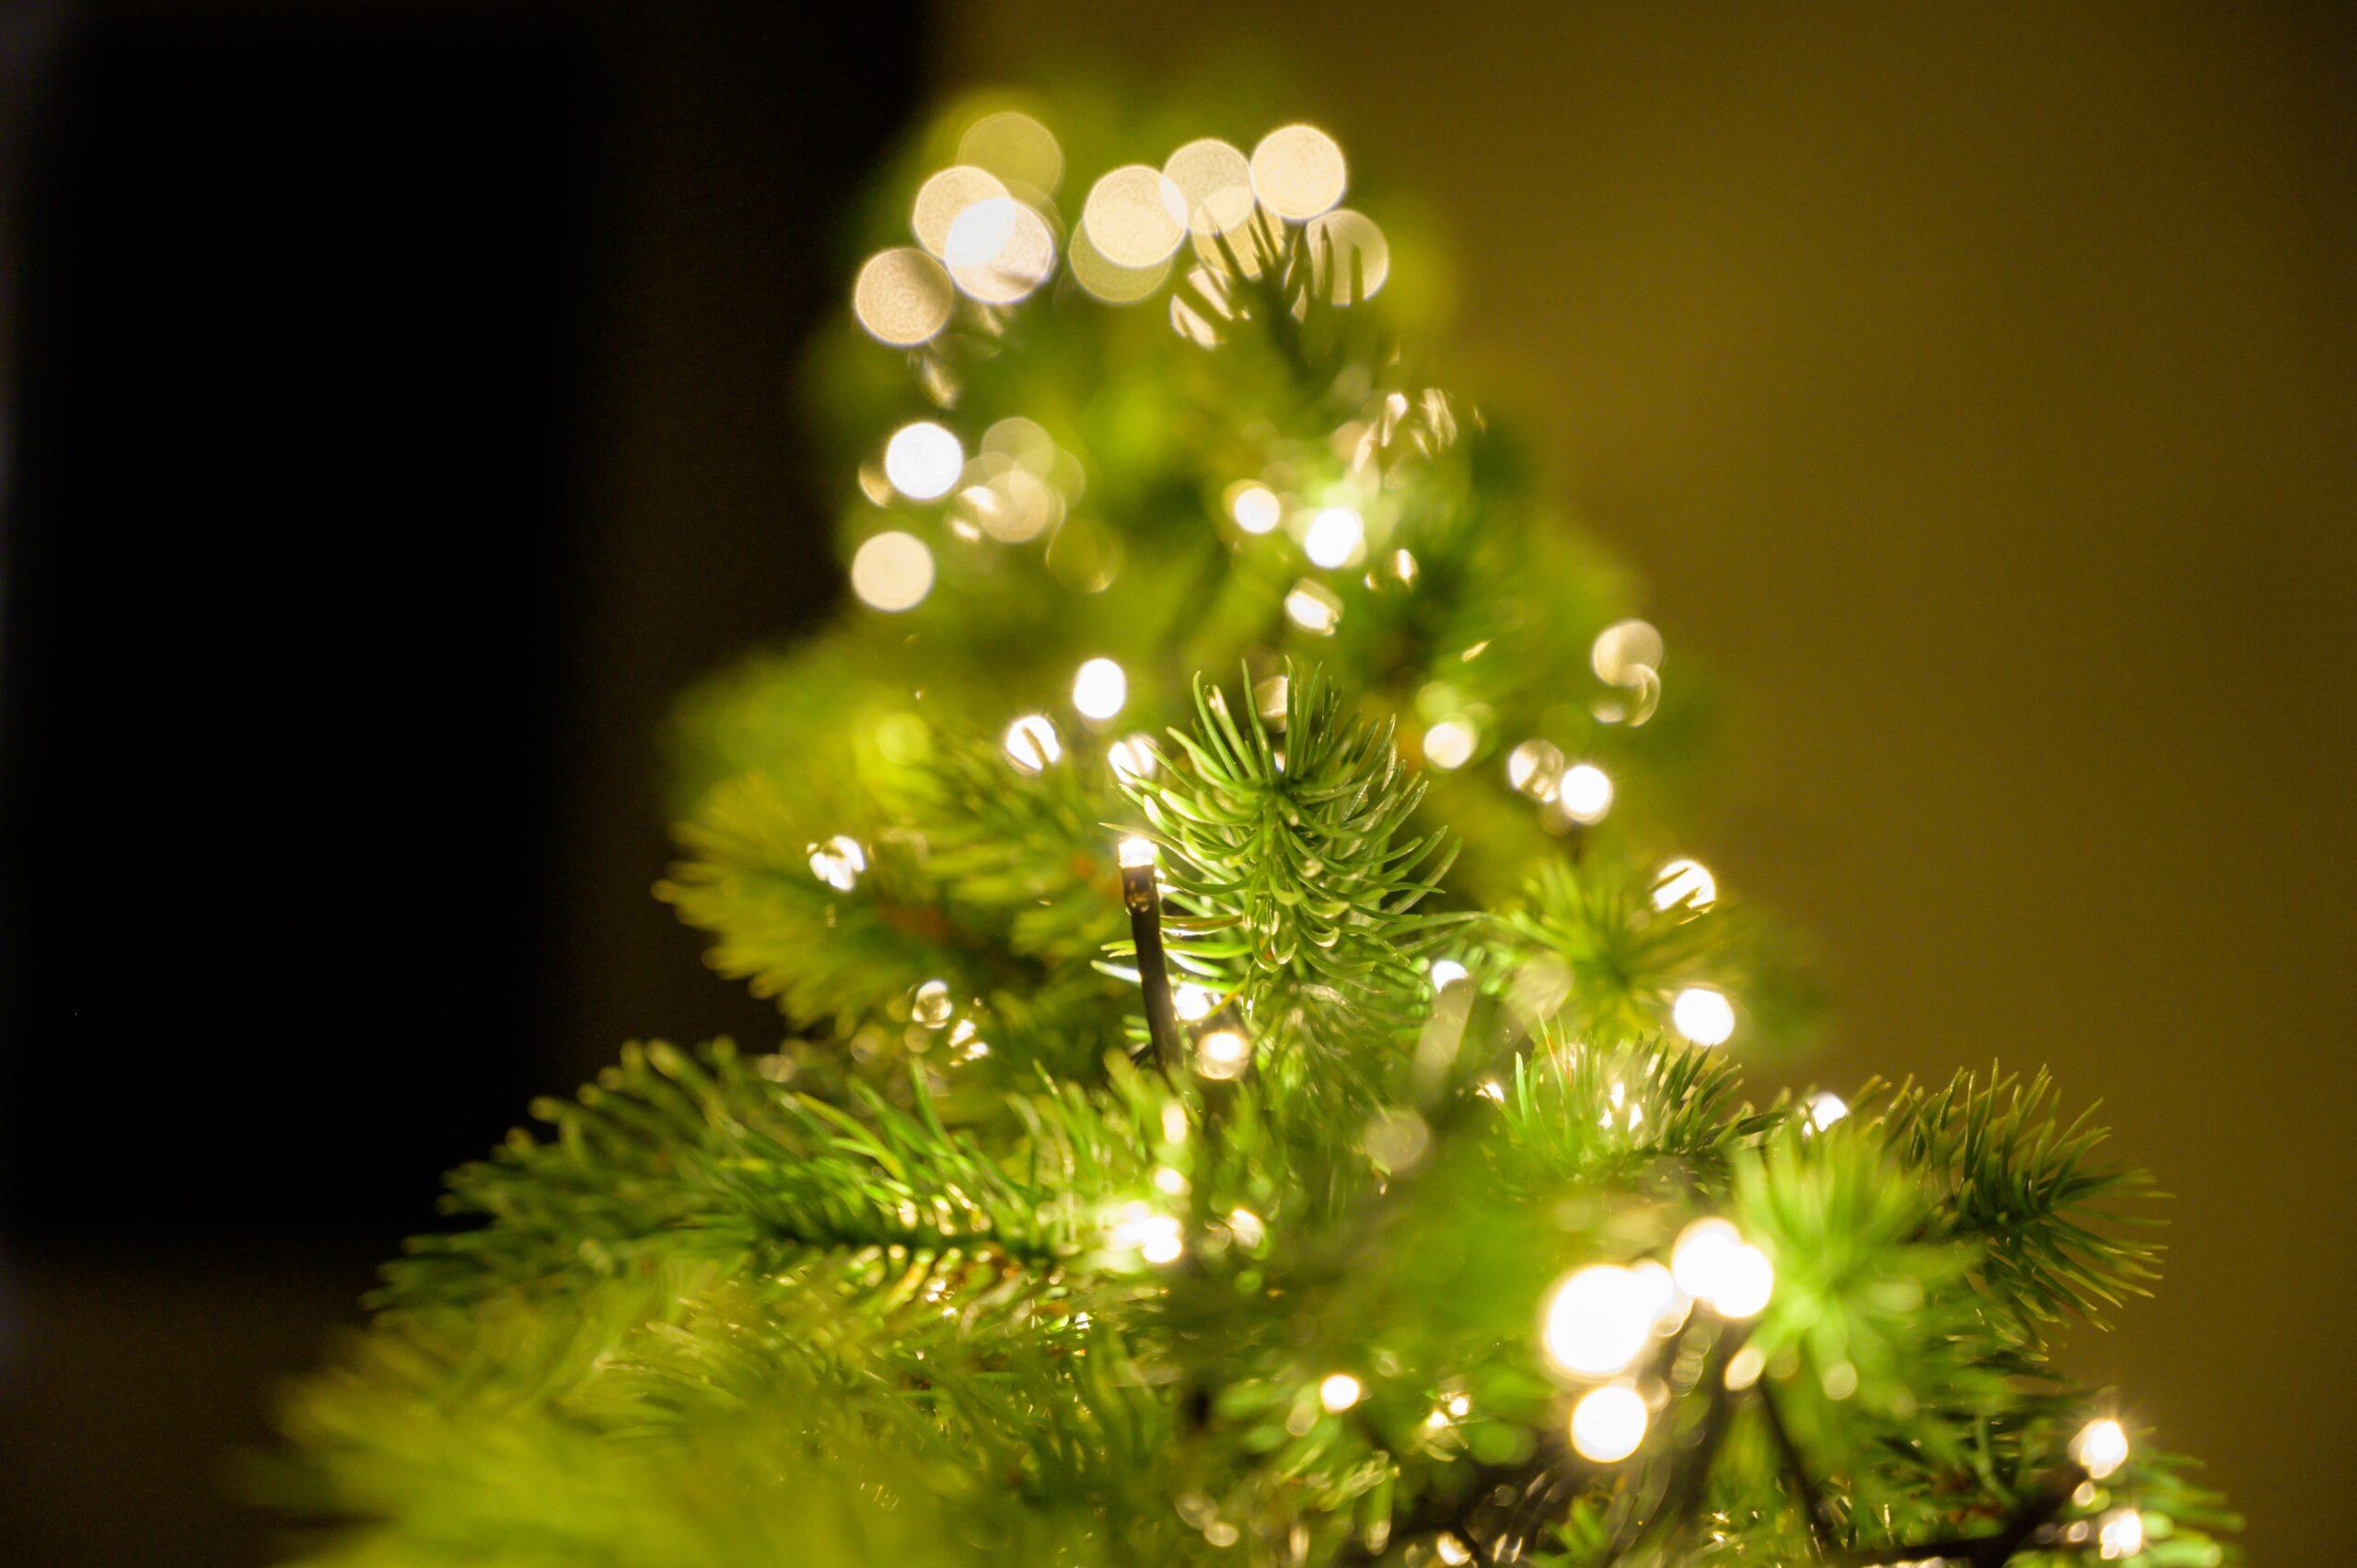 Estos son los colores oficiales del árbol de Navidad